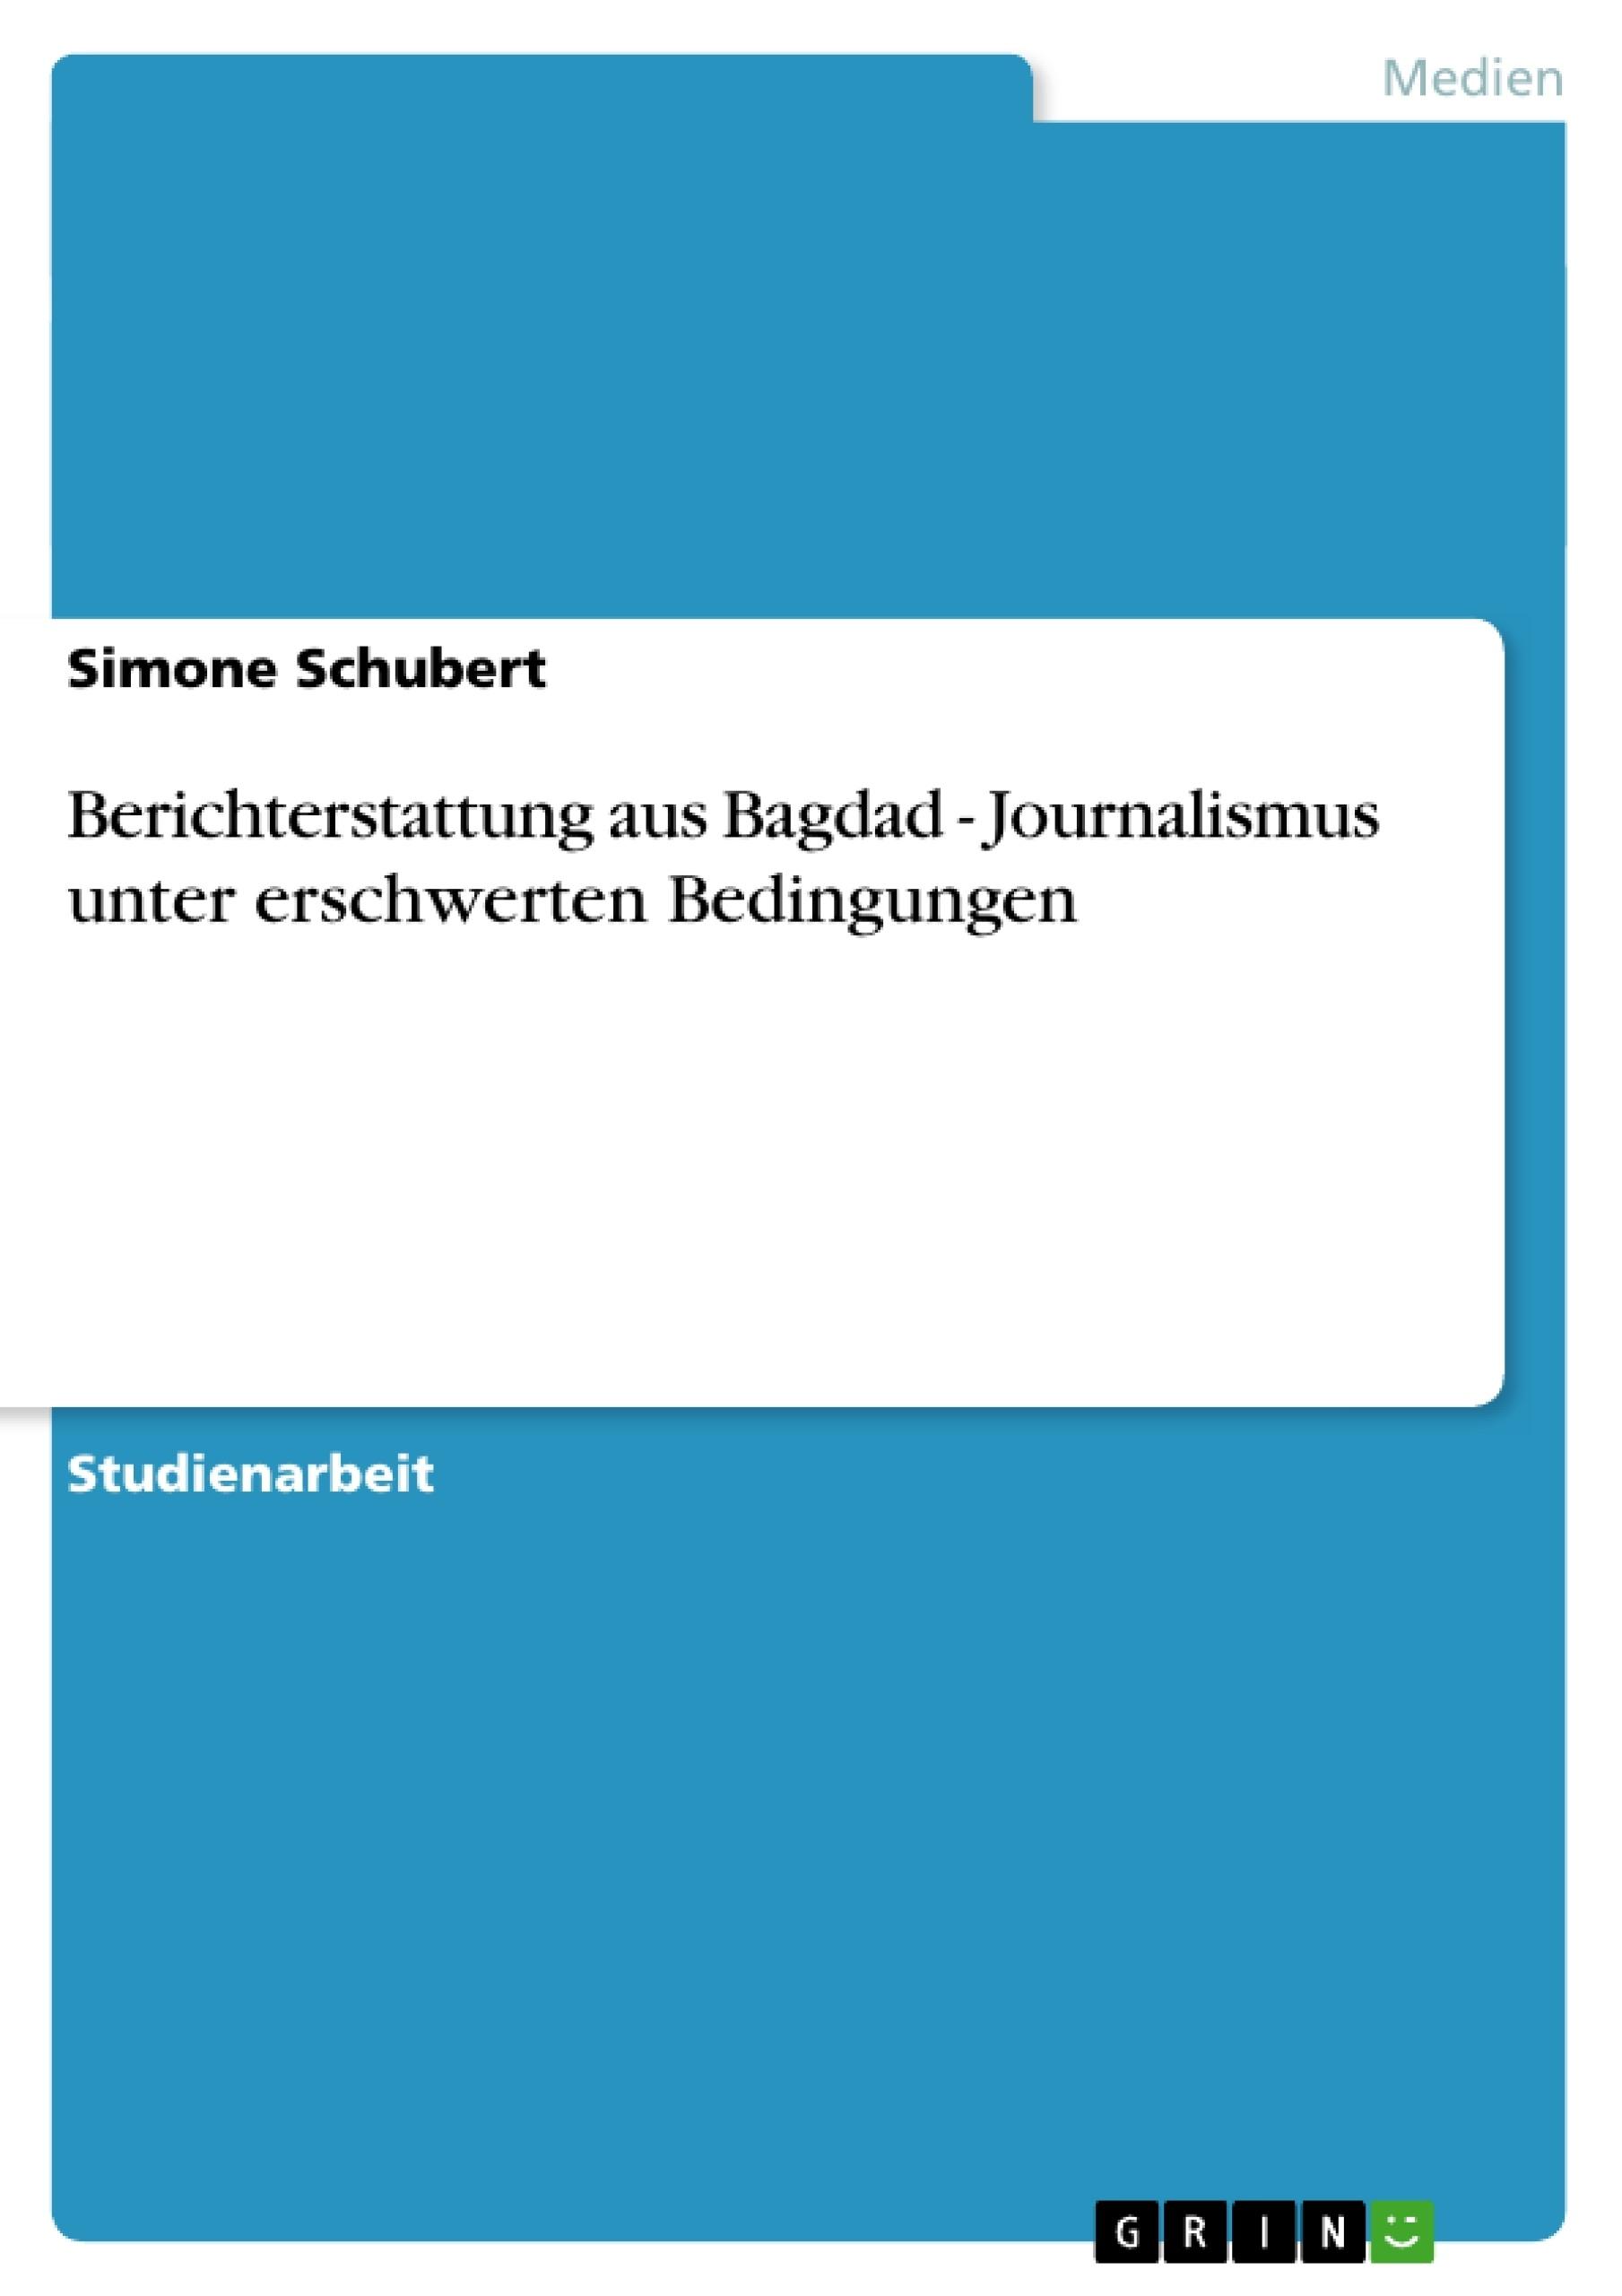 Titel: Berichterstattung aus Bagdad - Journalismus unter erschwerten Bedingungen